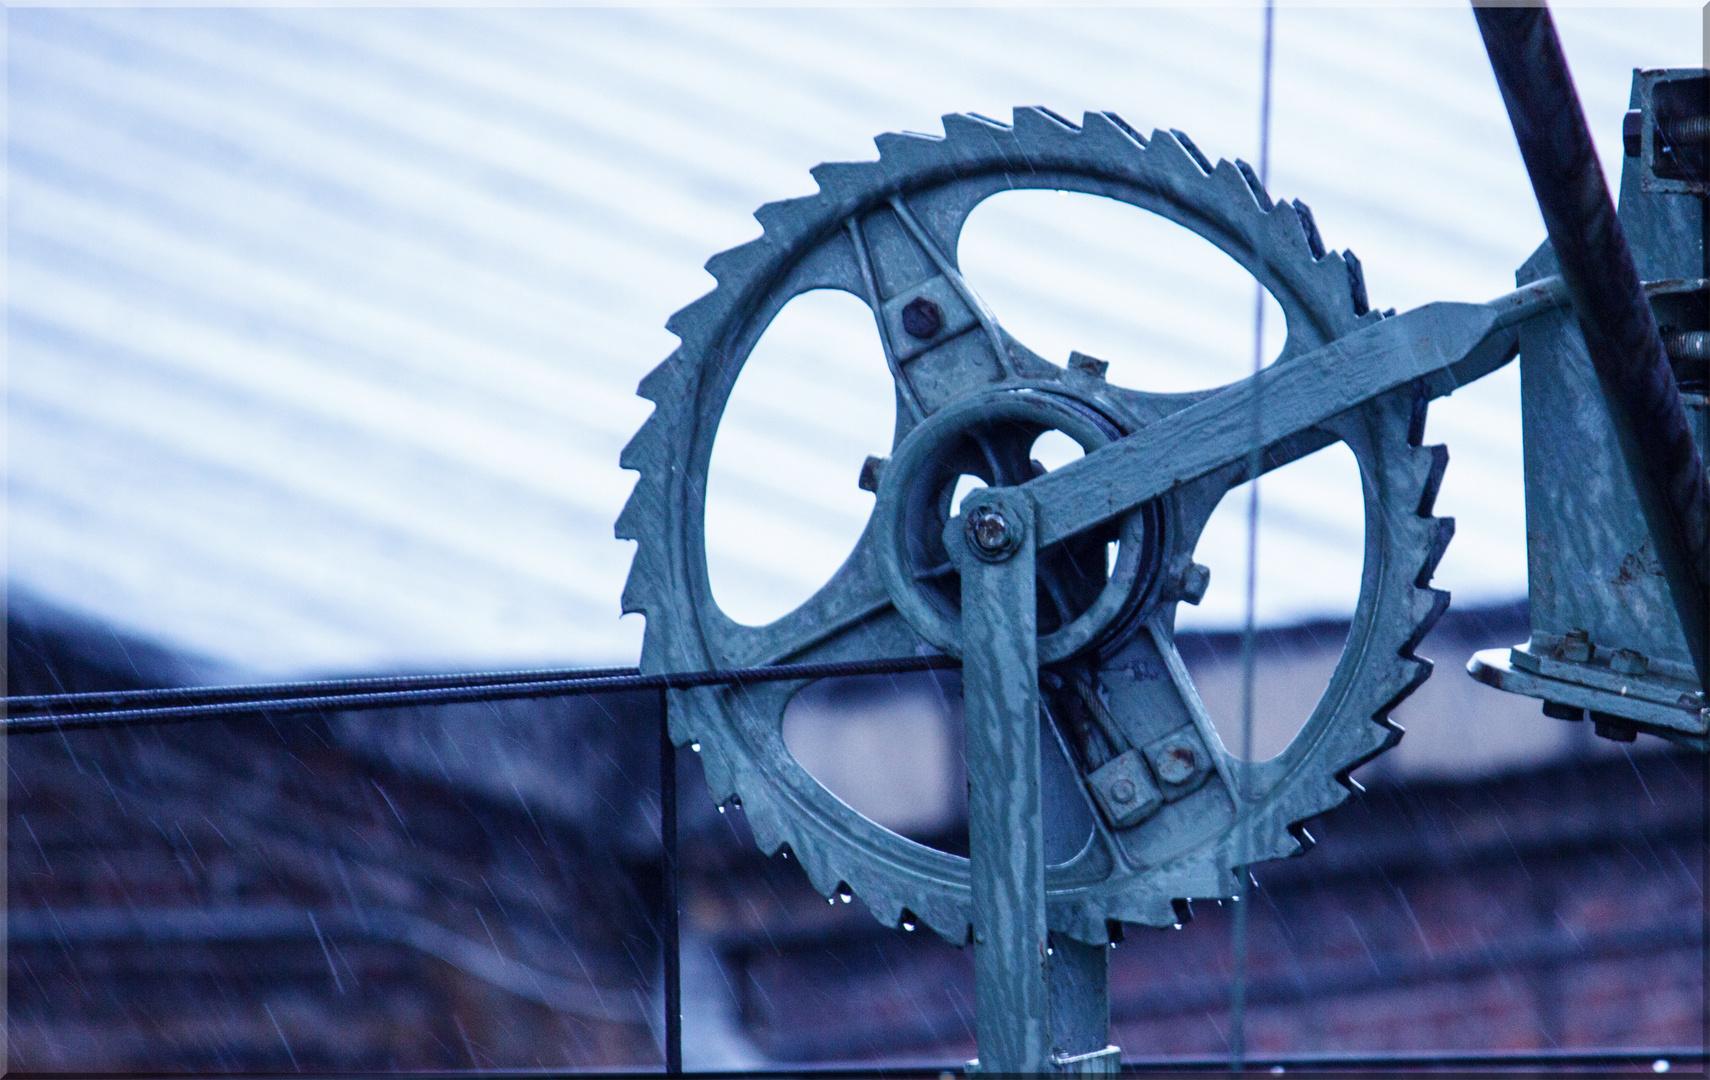 Radspannwerk